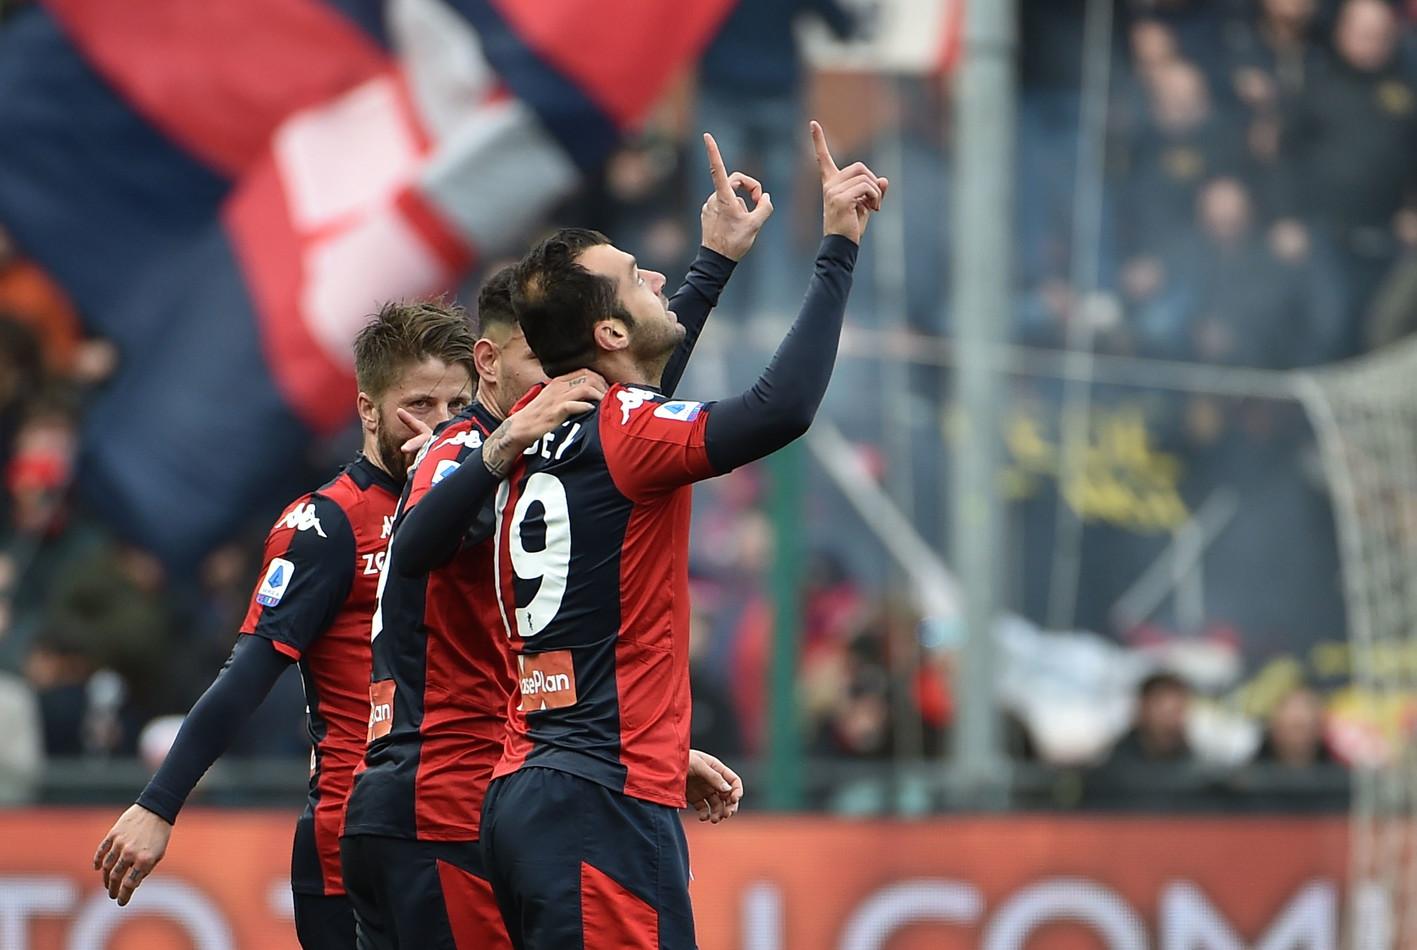 17) Genoa +40 milioni (43 spesi, 83 guadagnati)